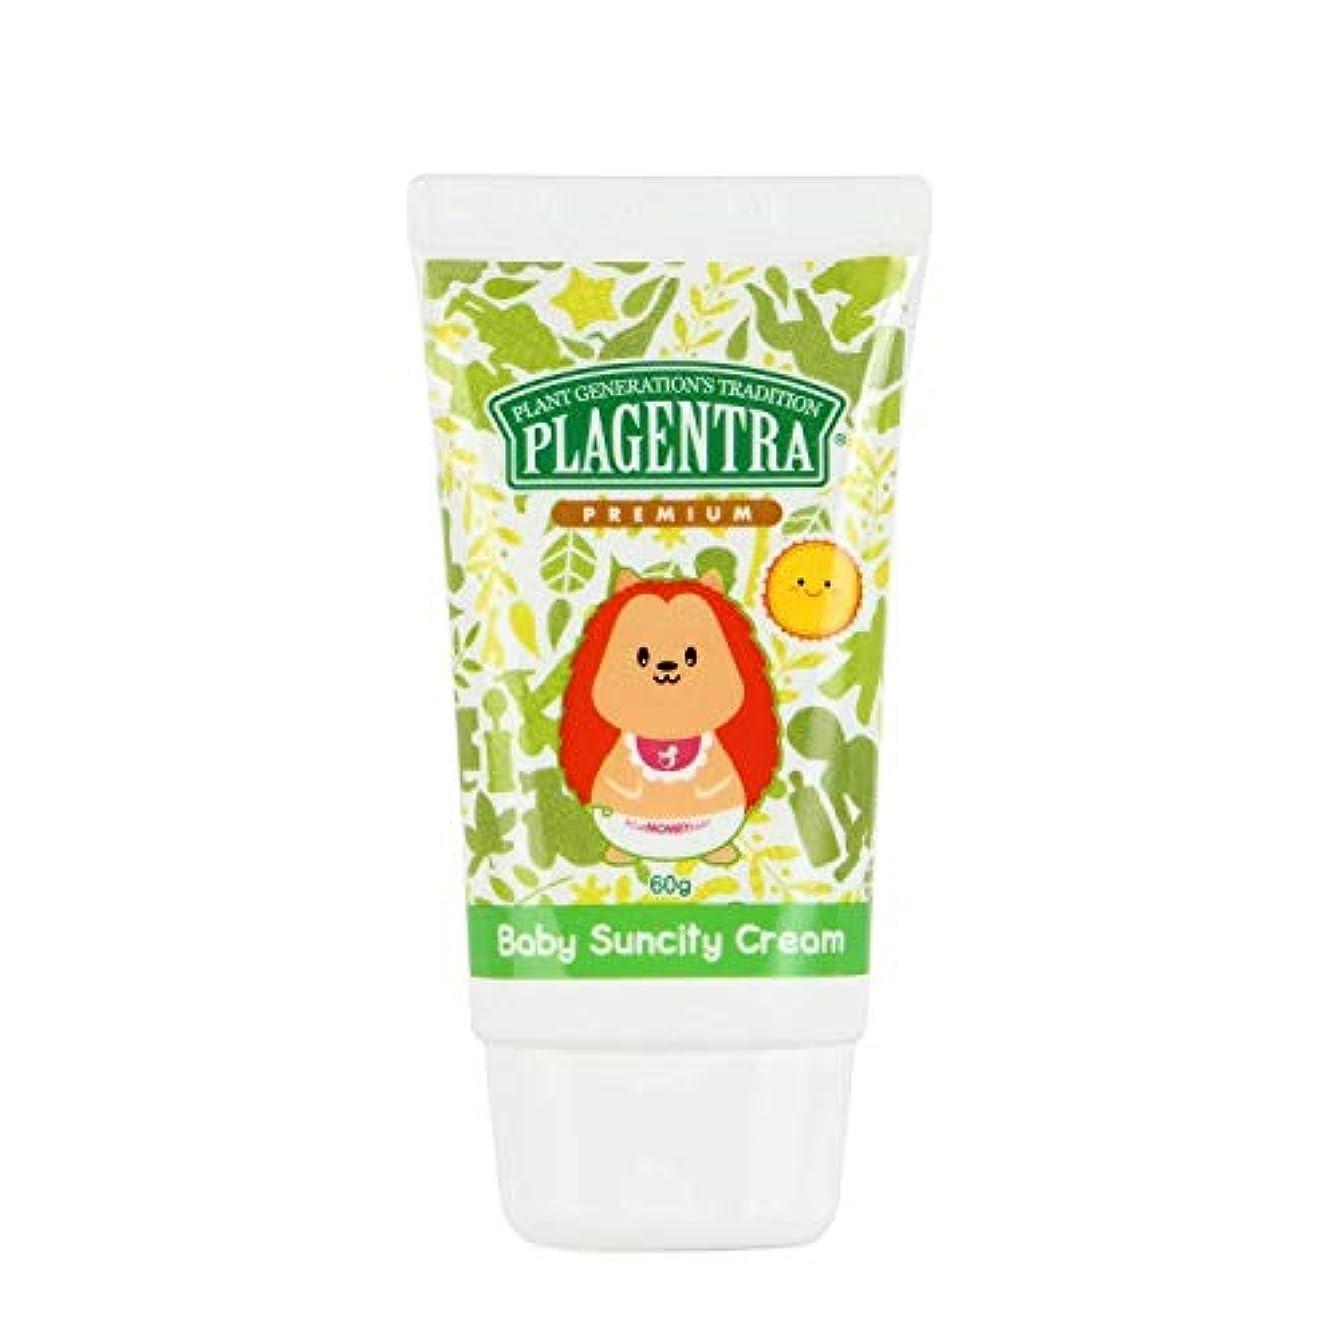 チューリップとまり木突っ込む[ PLAGENTRA ] Baby Suncity Cream (60g) Natural Sunscreen 韓国 日焼け止め